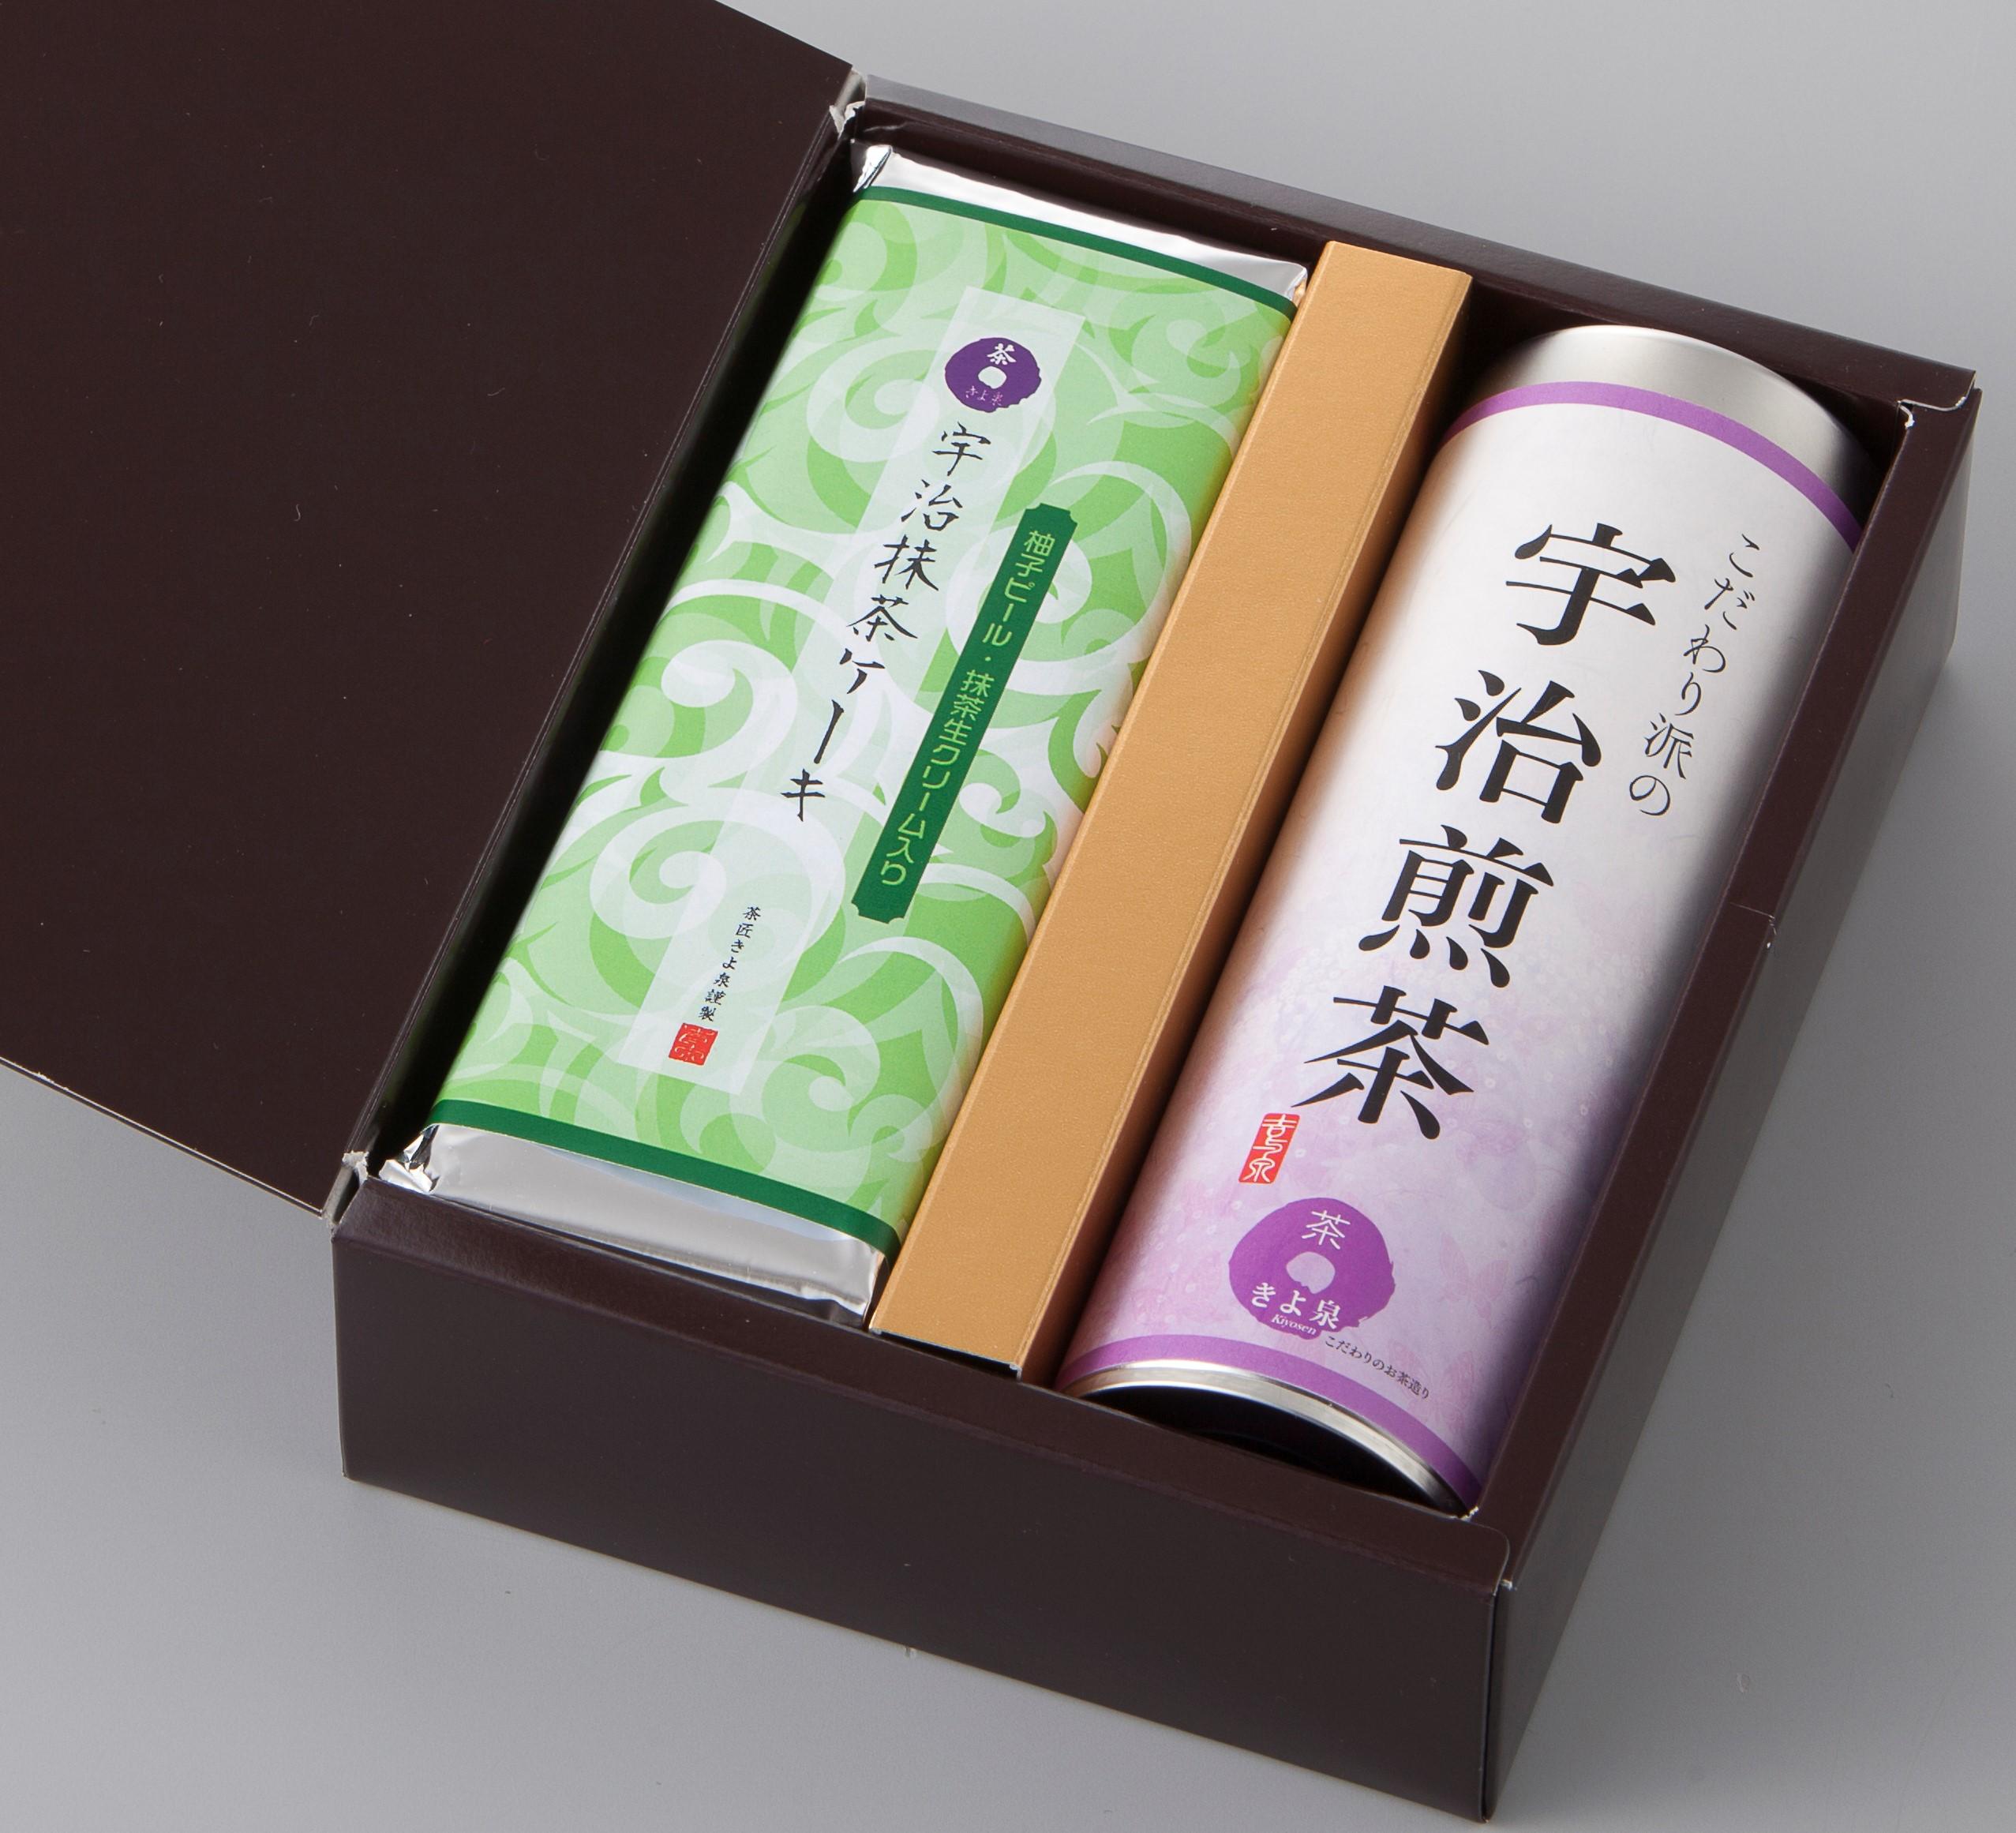 抹茶ケーキ「柚子と生チョコ入り」と宇治茶